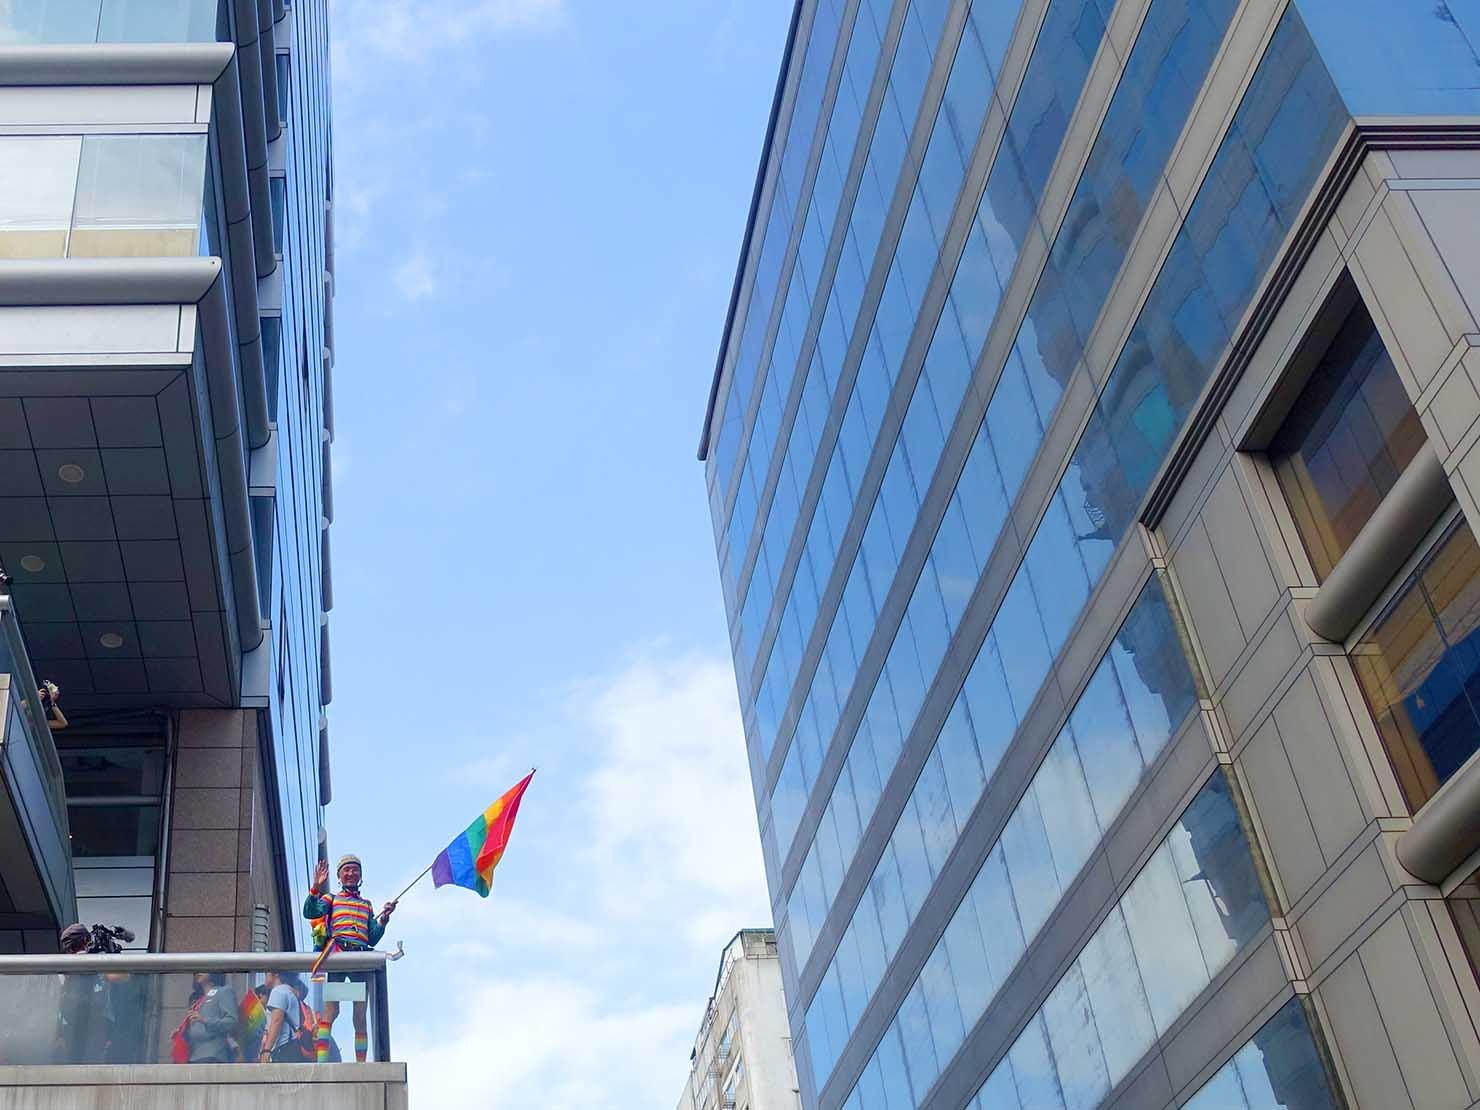 台灣同志遊行(台湾LGBTプライド)2019のパレードでレインボーフラッグを振る祁家威氏